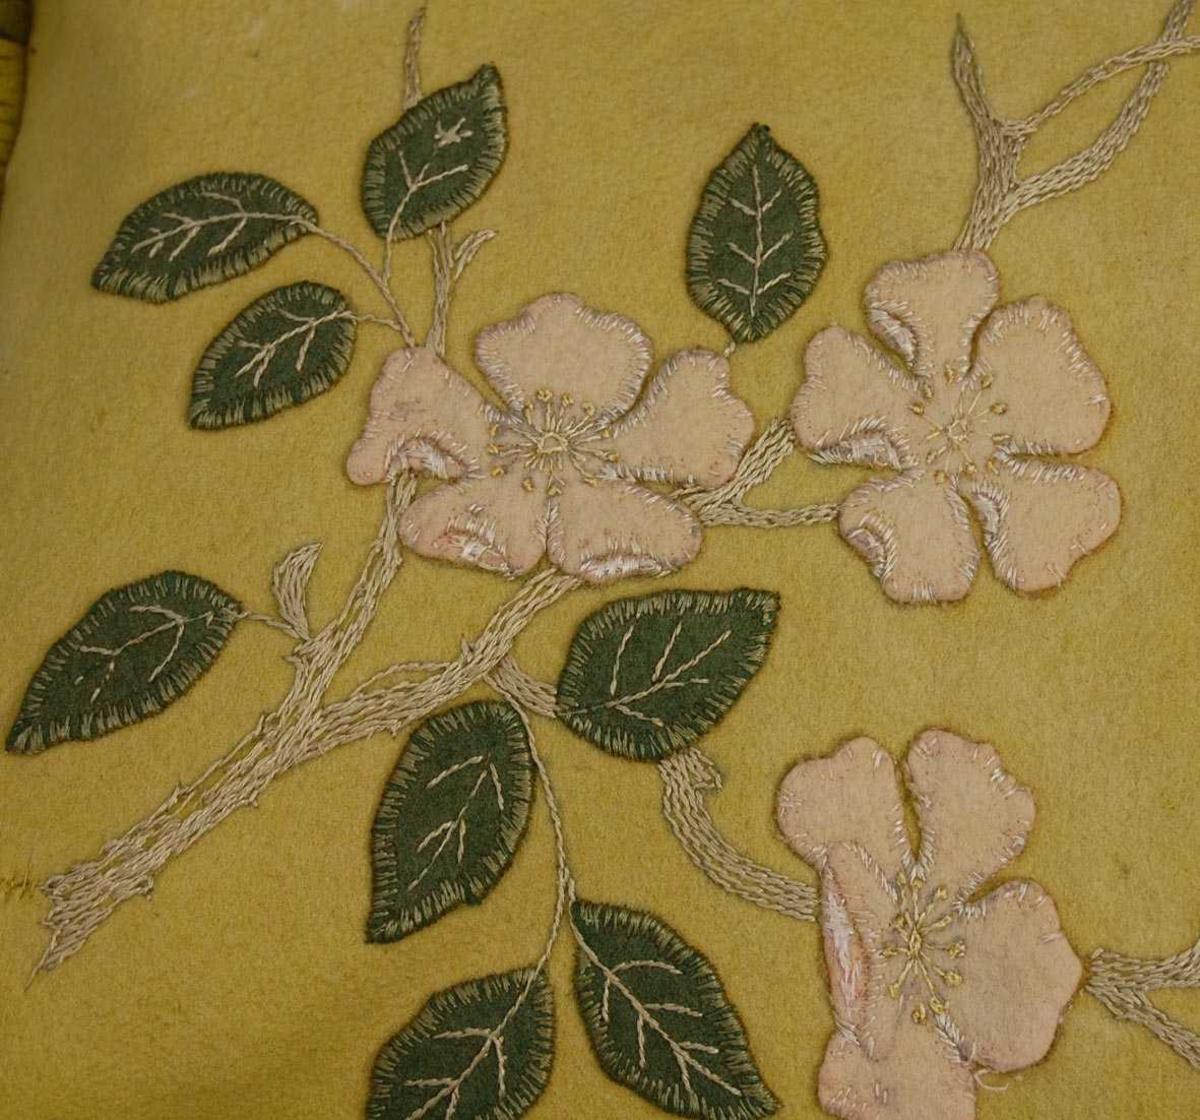 Pute med applikasjoner/blomsterbroderi. Forsiden av filt, med klipte løkker av filt til frynser. Baksiden av bomull? På baksiden er hull stoppet med kunststopping.